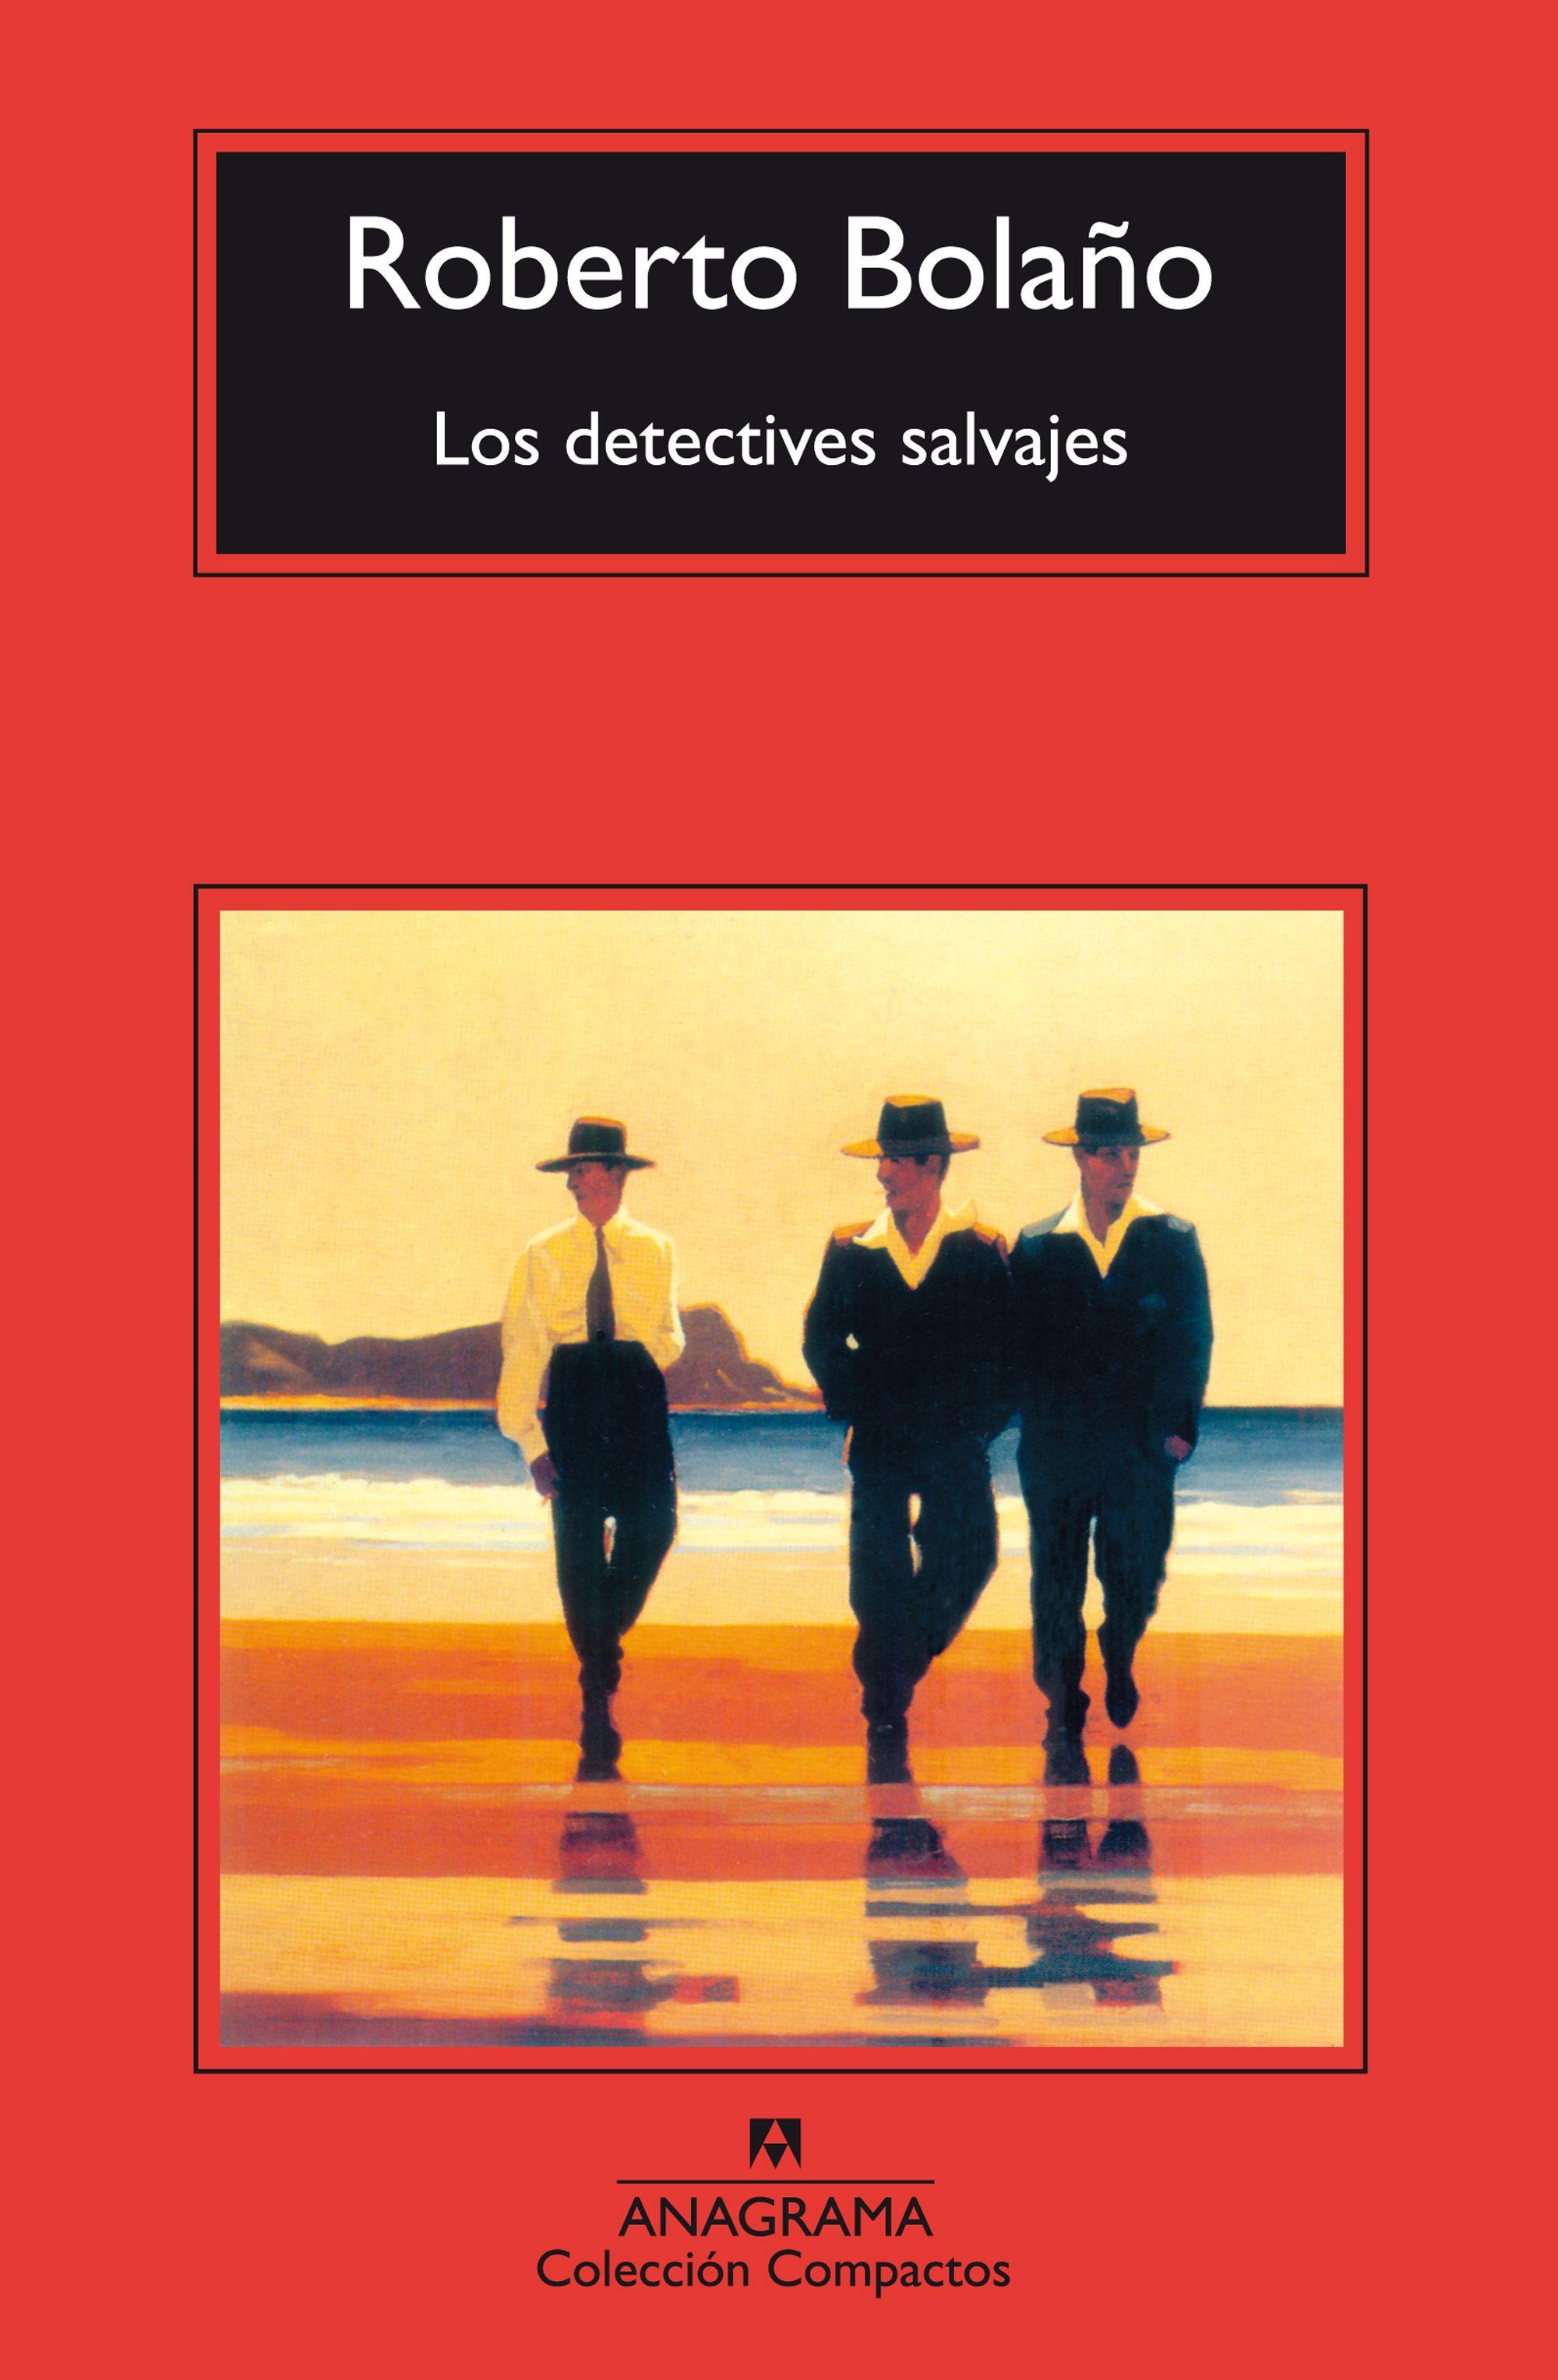 Los detectives salvajes - Bolaño, Roberto - 978-84-339-6663-6 ...